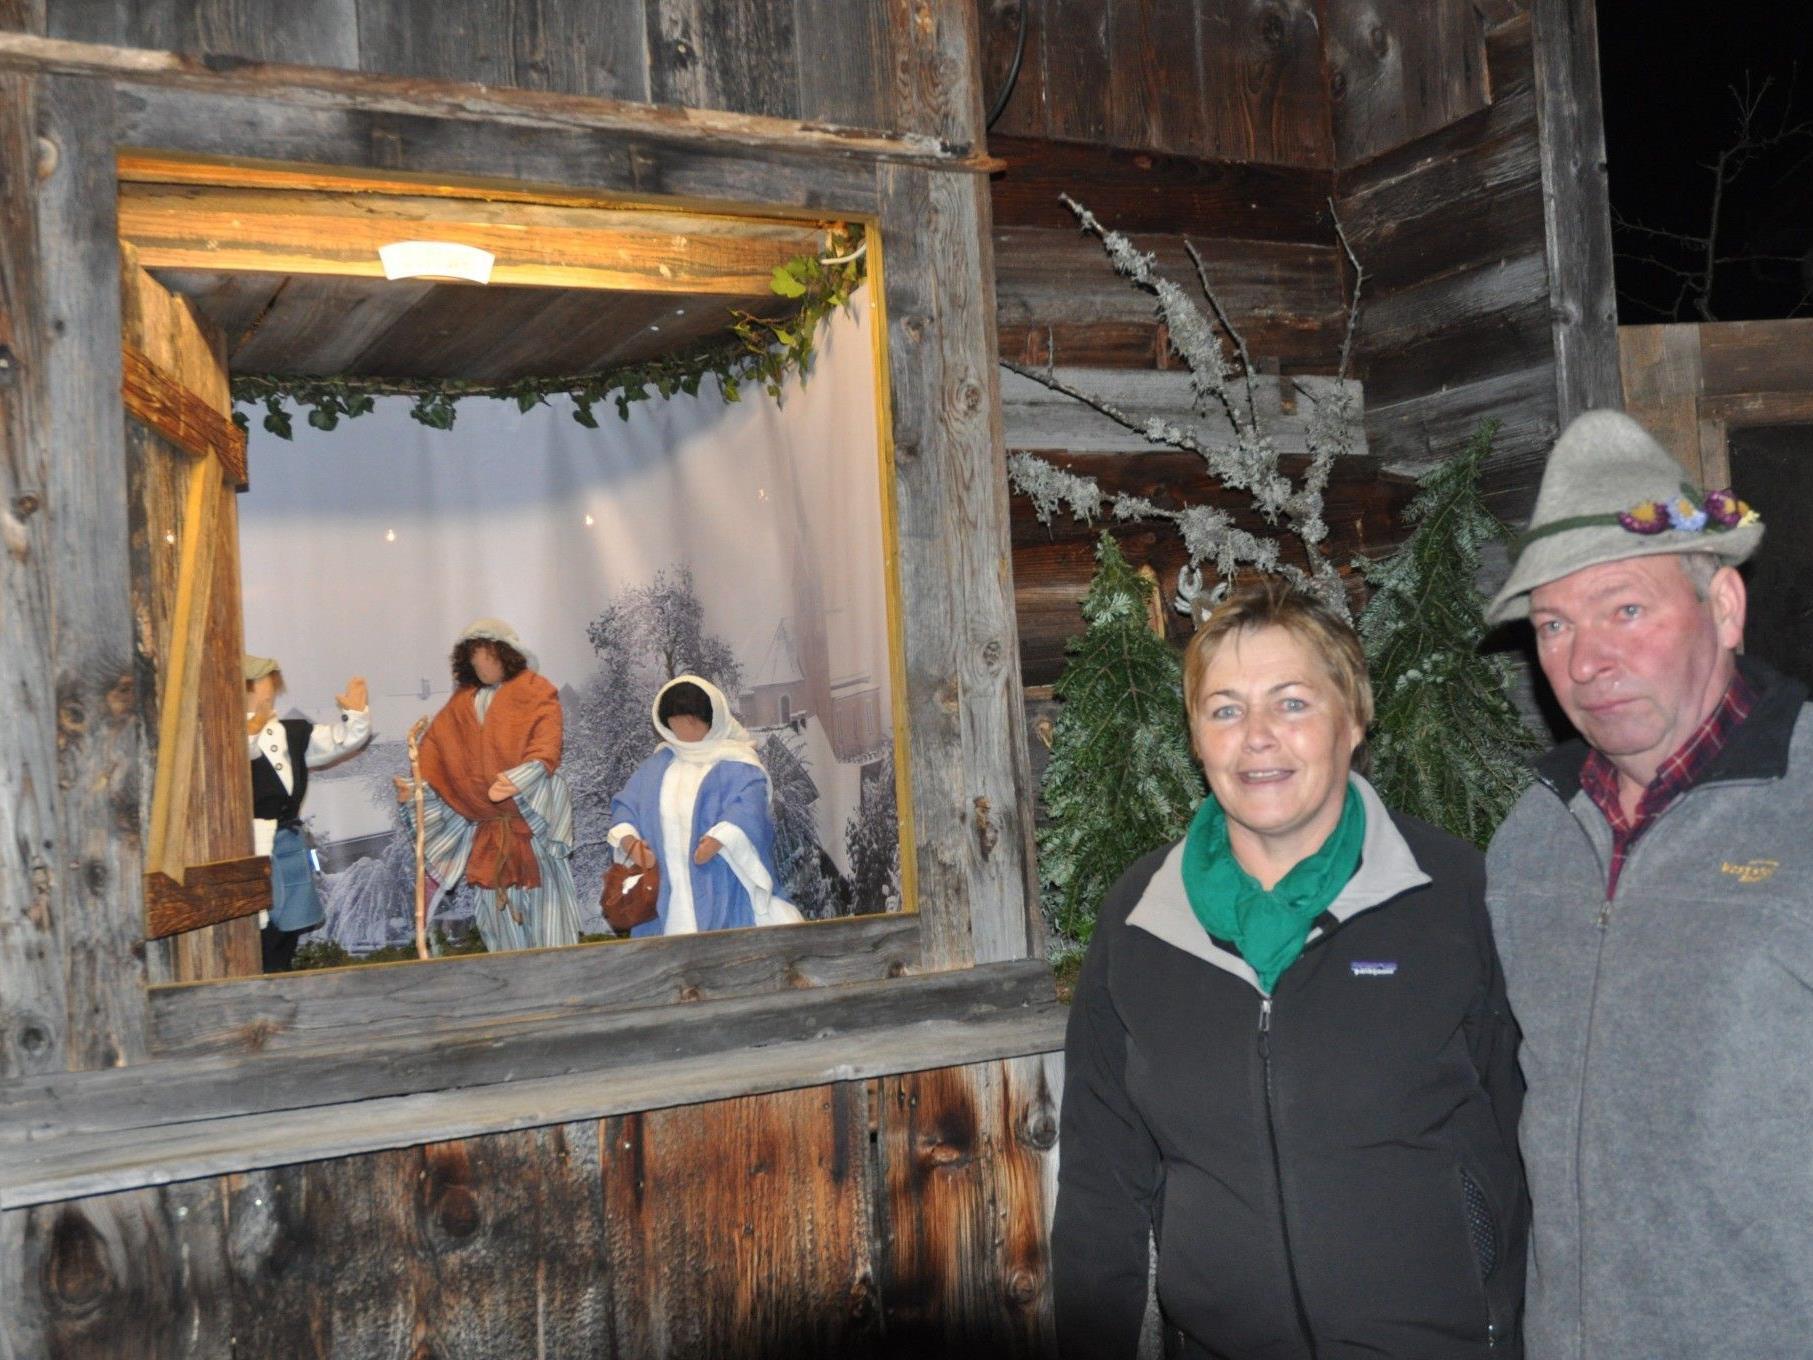 Beeindruckende Adventfenstereröffnung bei Fini und Wolfgang Rietzler in Übersaxen.